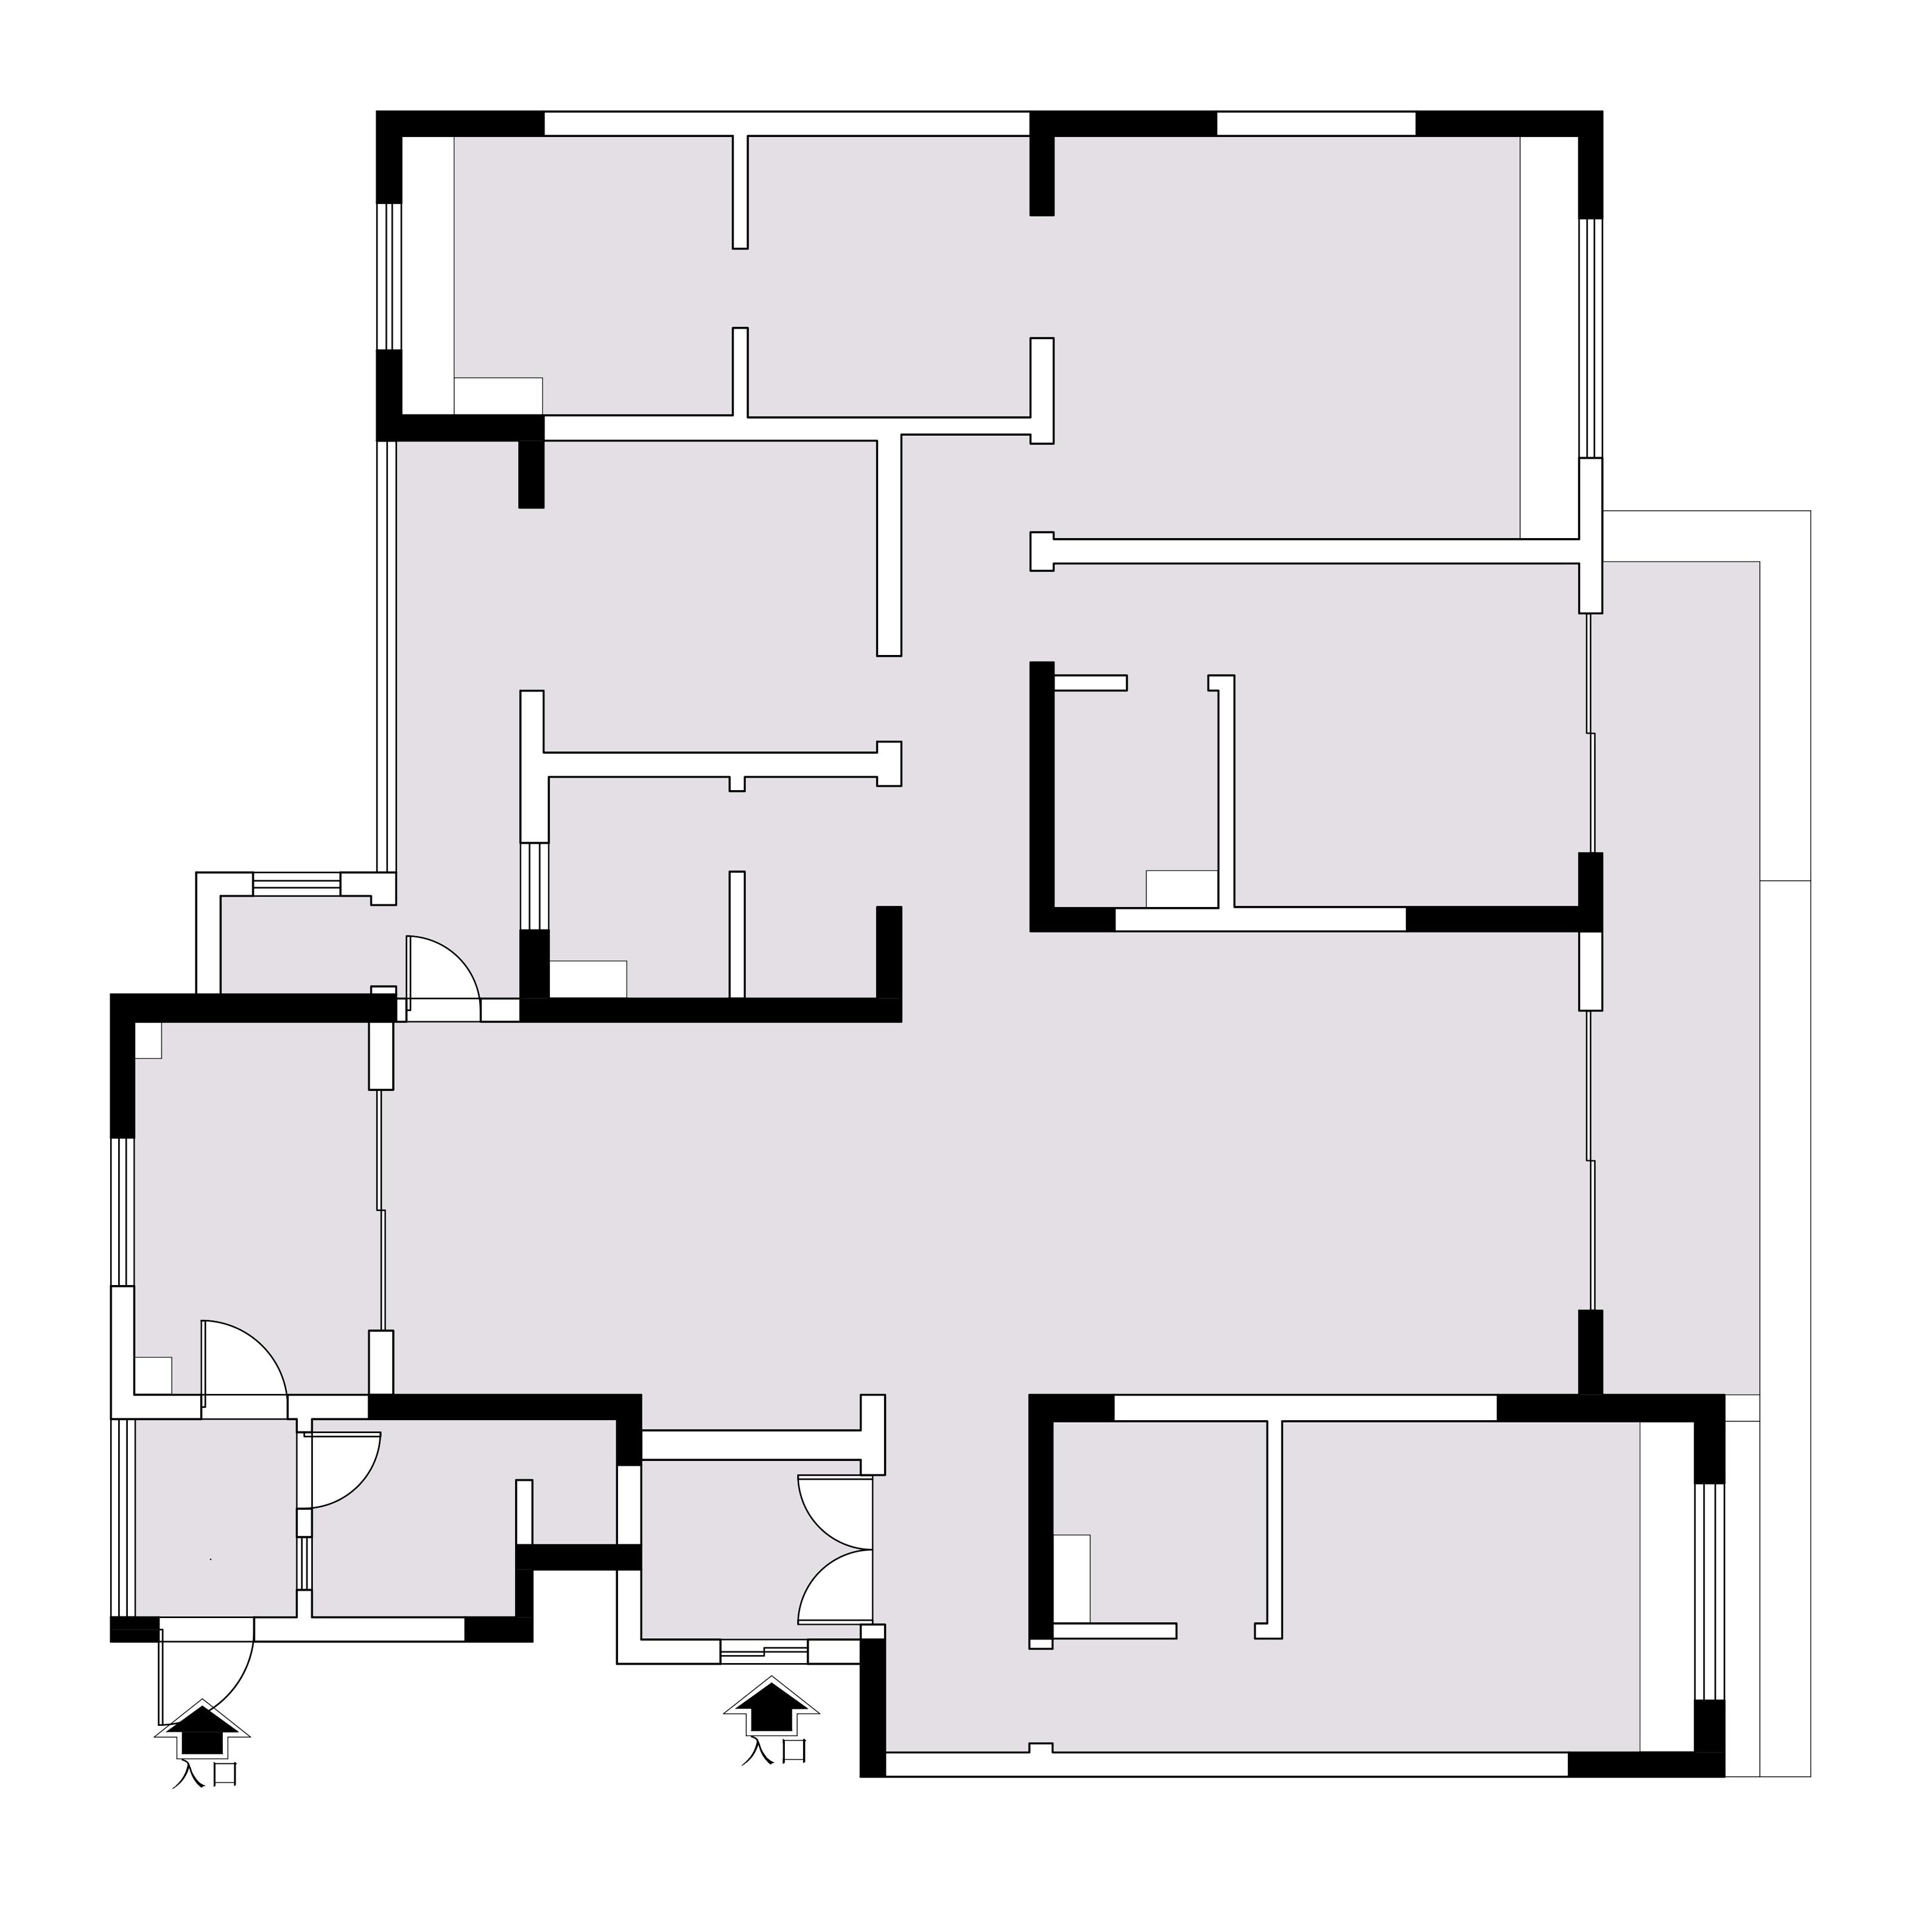 昆明华夏御府220平米现代轻奢风格装修效果图装修设计理念